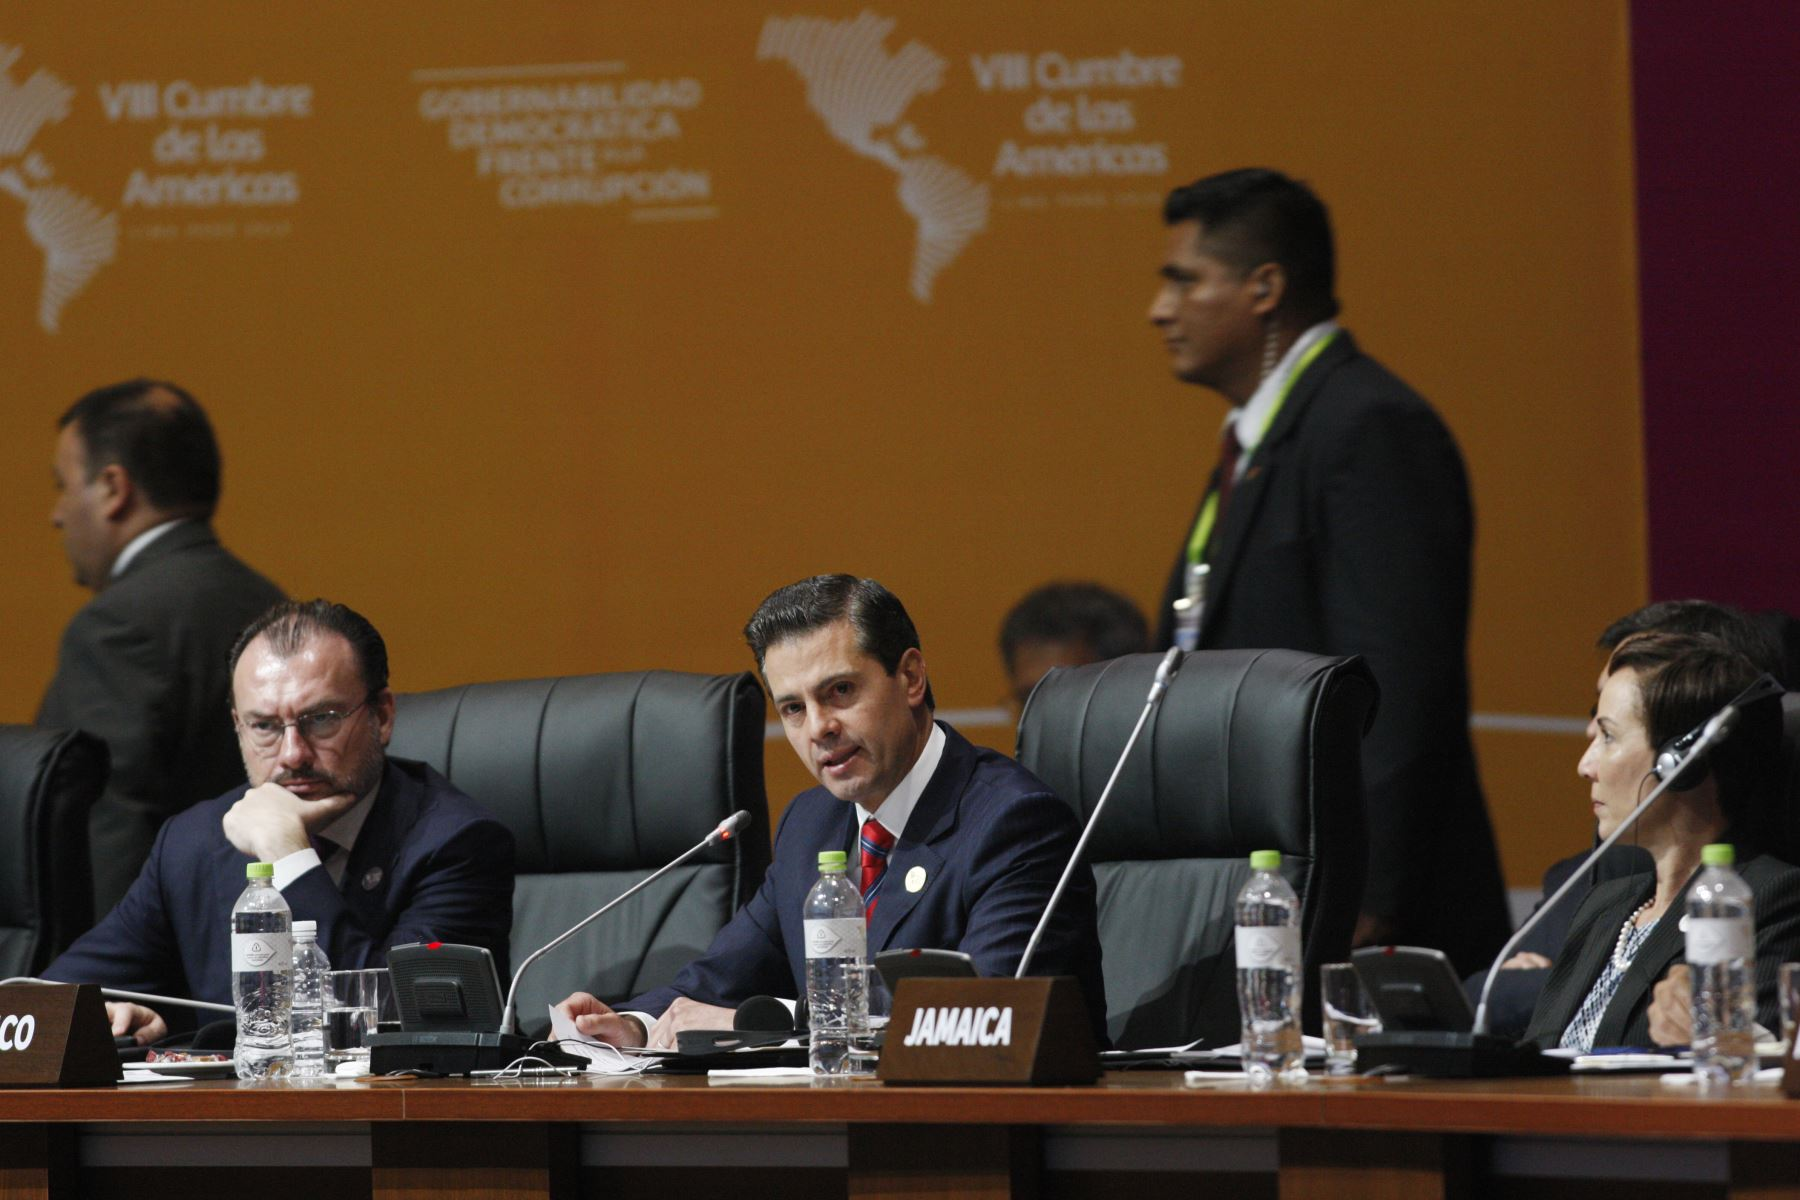 Presidente de México, Enrique Peña Nieto durante la sesión plenaria de la VIII Cumbre de las Américas en Lima. Foto: ANDINA/Dante Zegarra